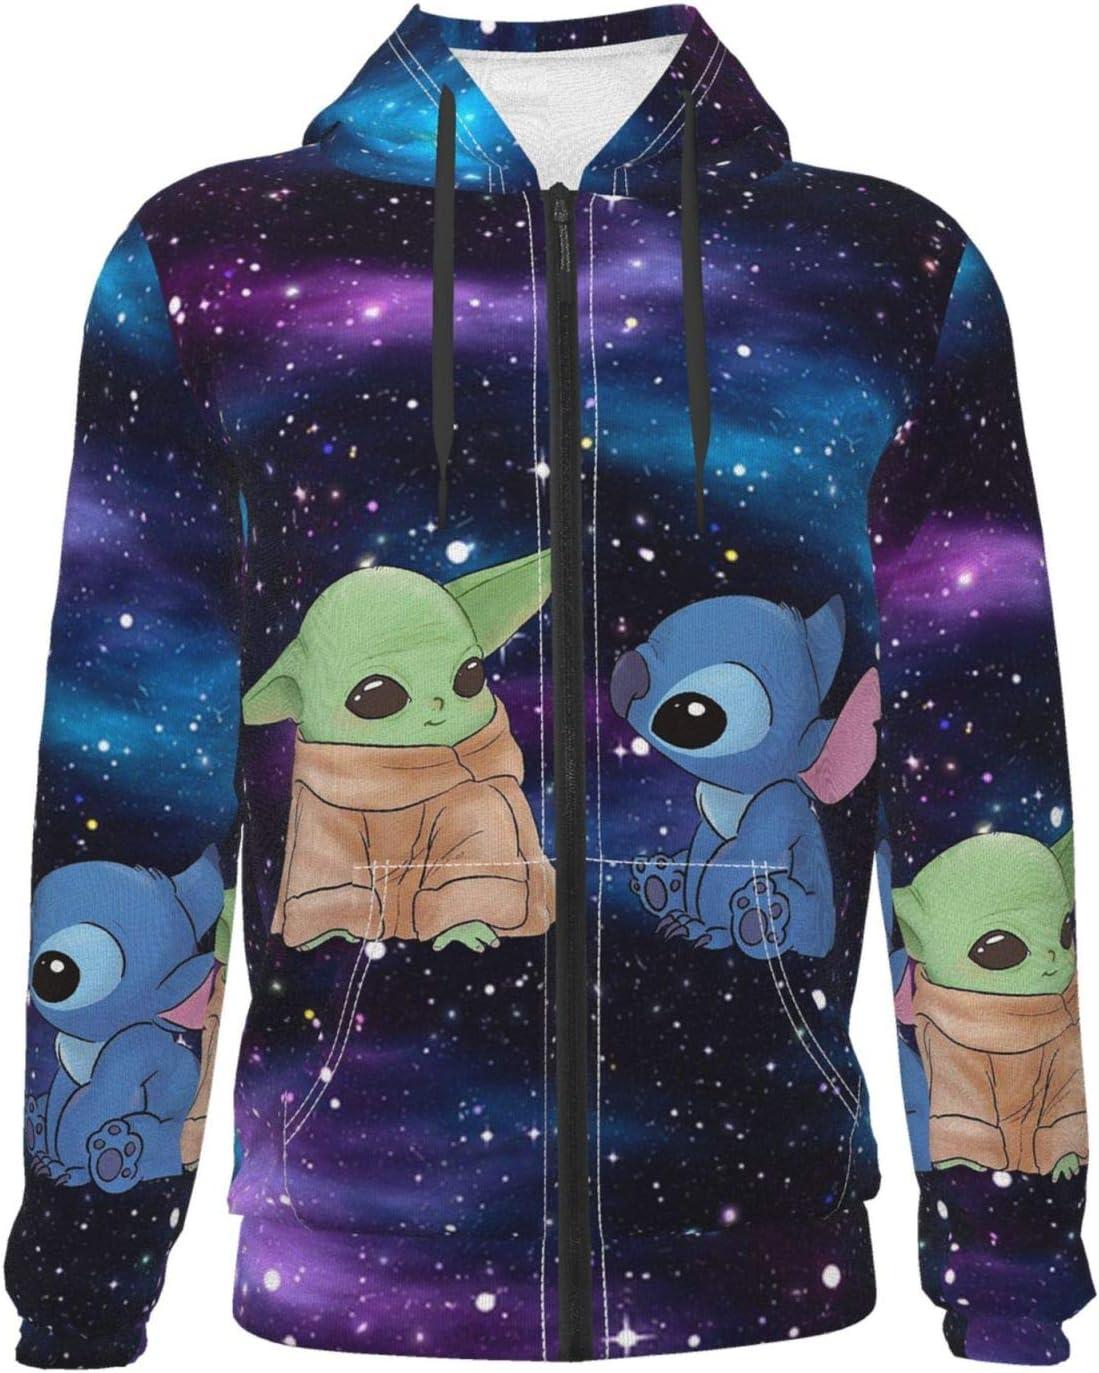 Danill23 Christmas Baby Y/_Odas Cartoon Casual 3D Digital Print Boys Teens Hoodie Sport Long Sleeve Hooded Sweaters Pullover Hoodie Shirt Pocket